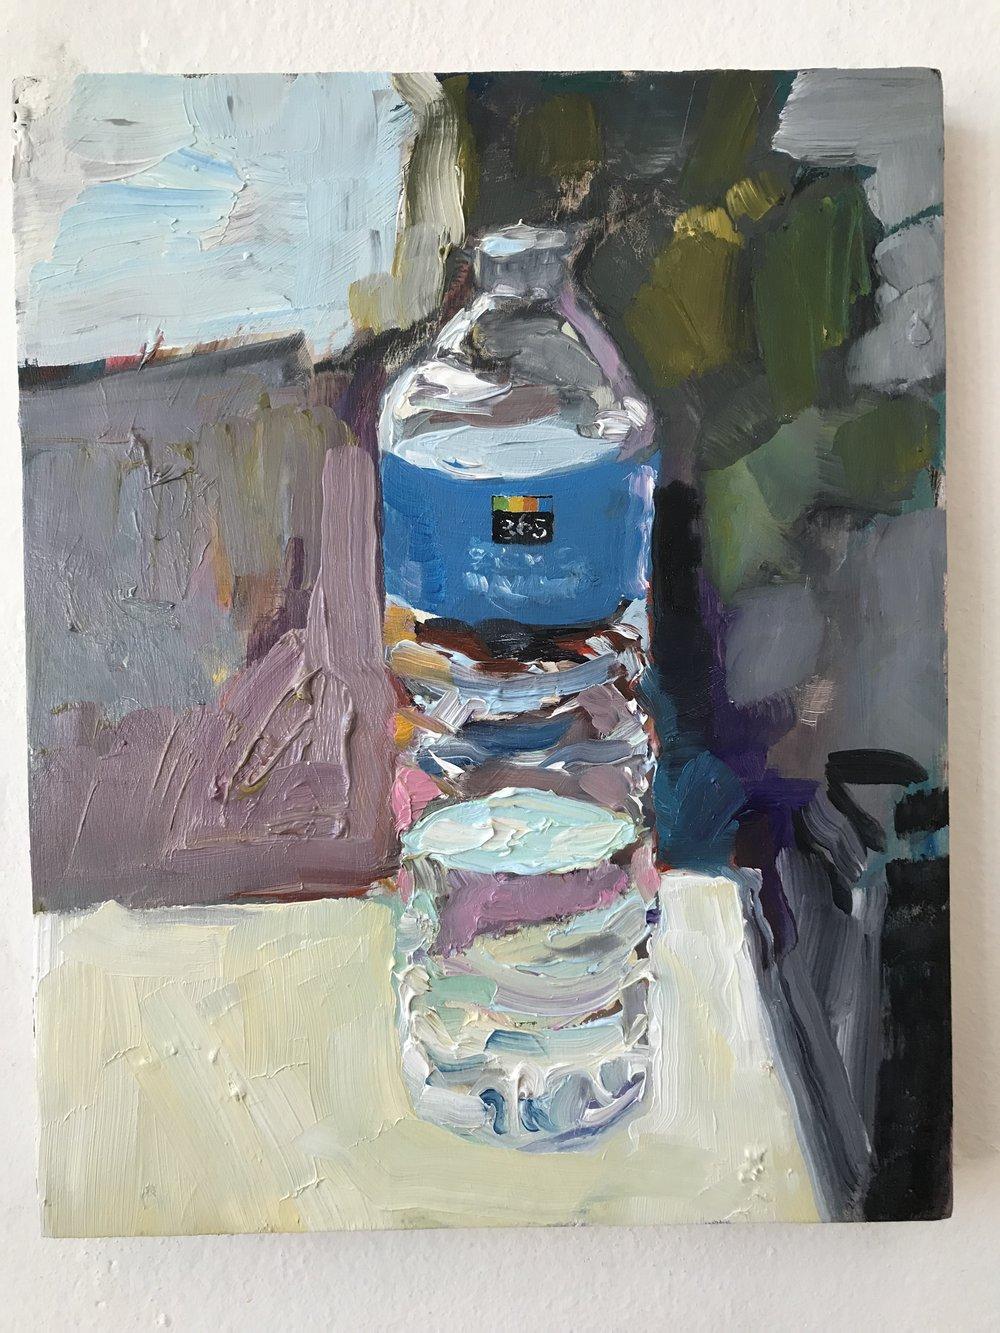 365 bottle 8 x 10 inches.JPG